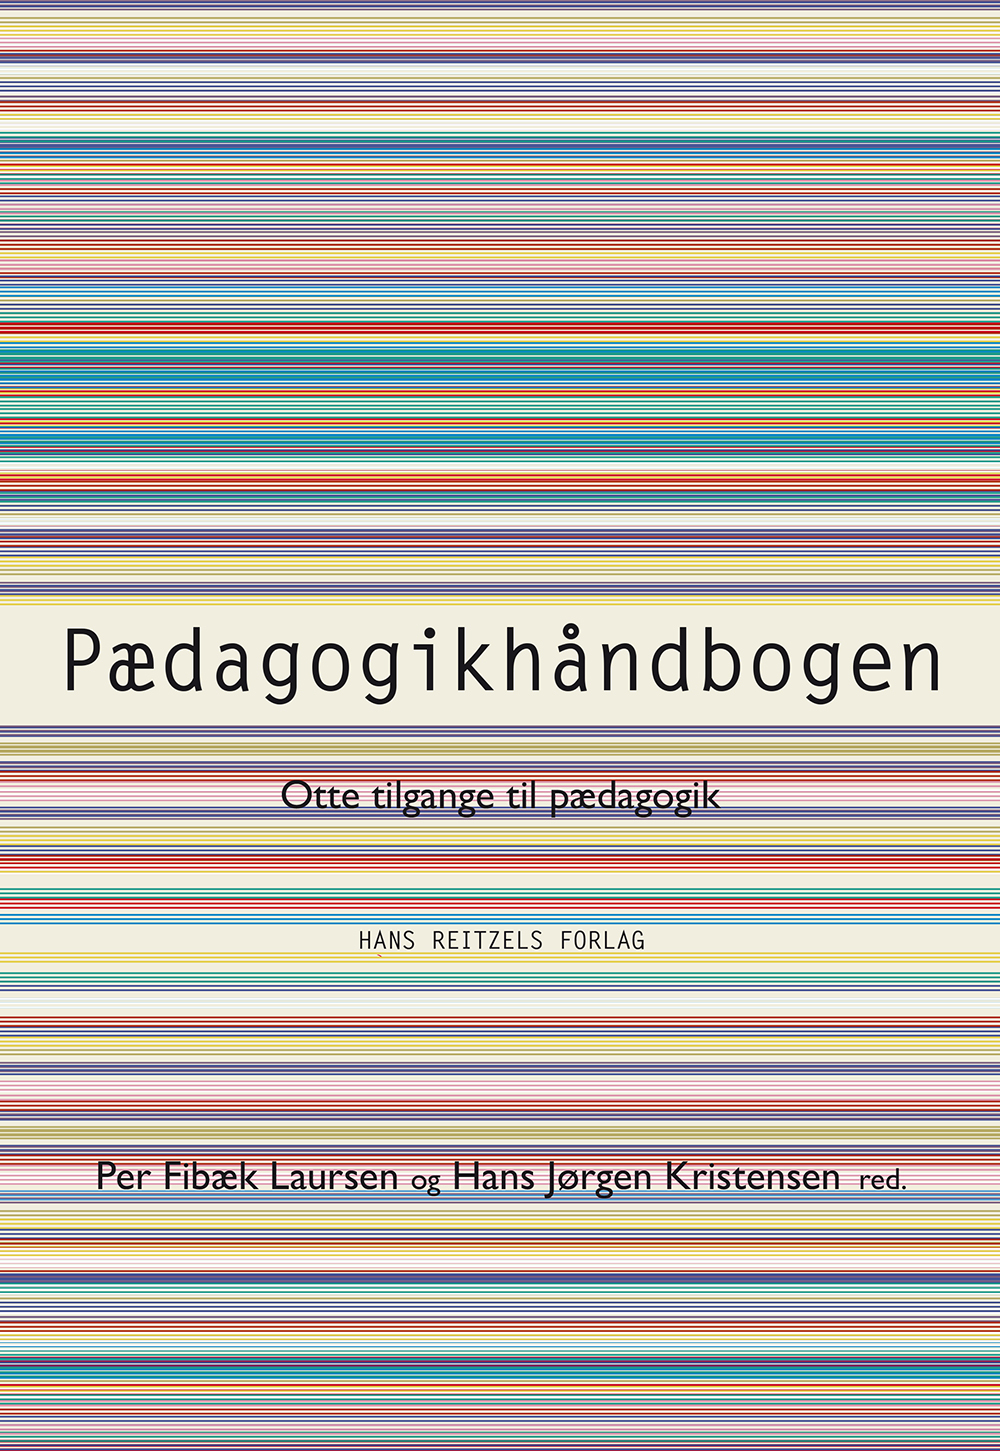 gyldendals pædagogik håndbog otte tilgange til pædagogik